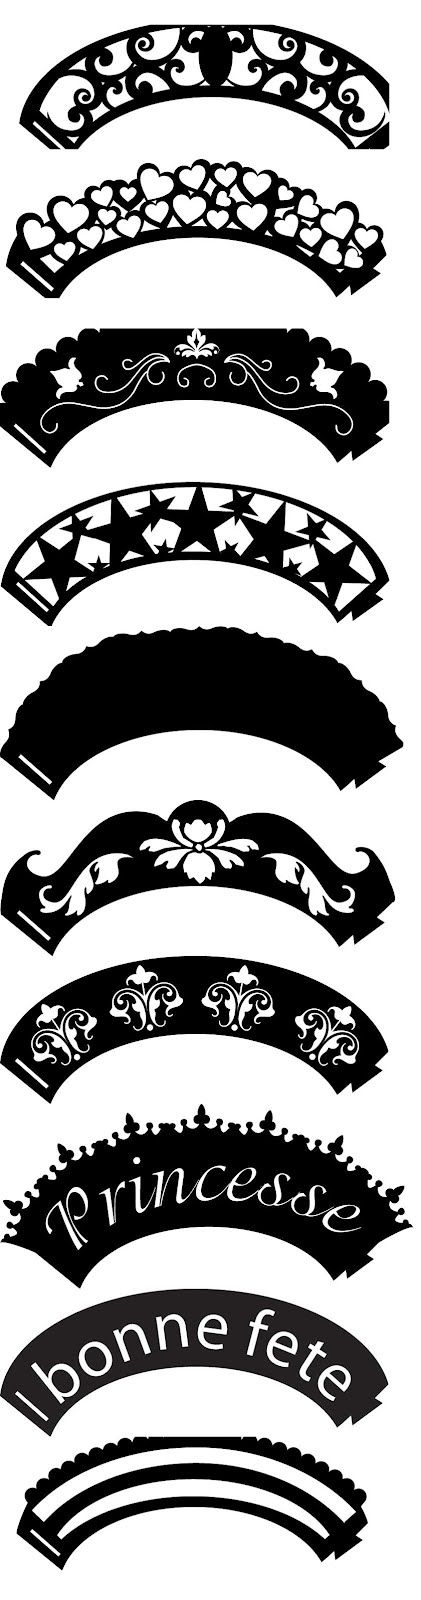 Des cupcakes covers ~ KLDezign les SVG                                                                                                                                                                                 Plus